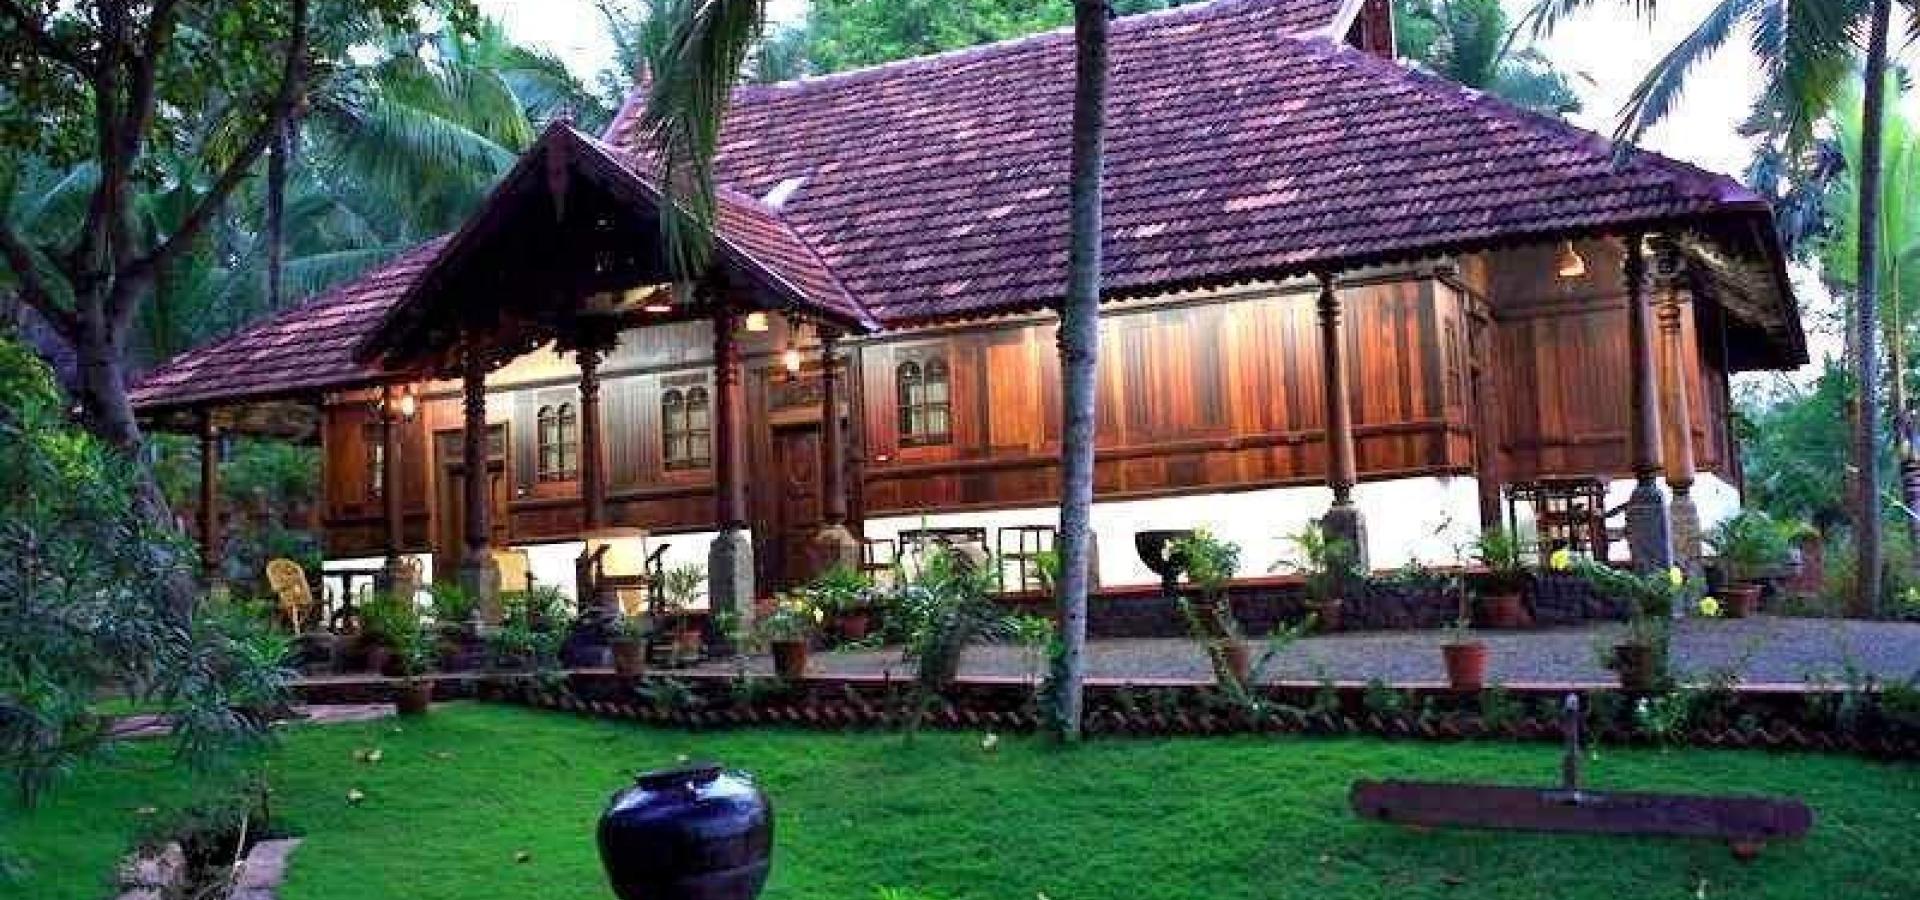 India - Programa RASAYAMA: Ayurveda, Yoga y Meditación en Kerala